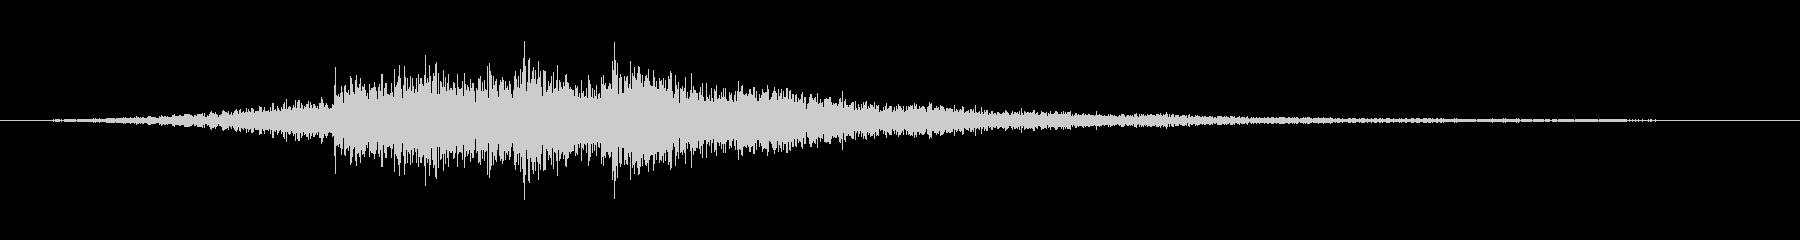 企業イメージ プレゼン映像 サウンドロゴの未再生の波形